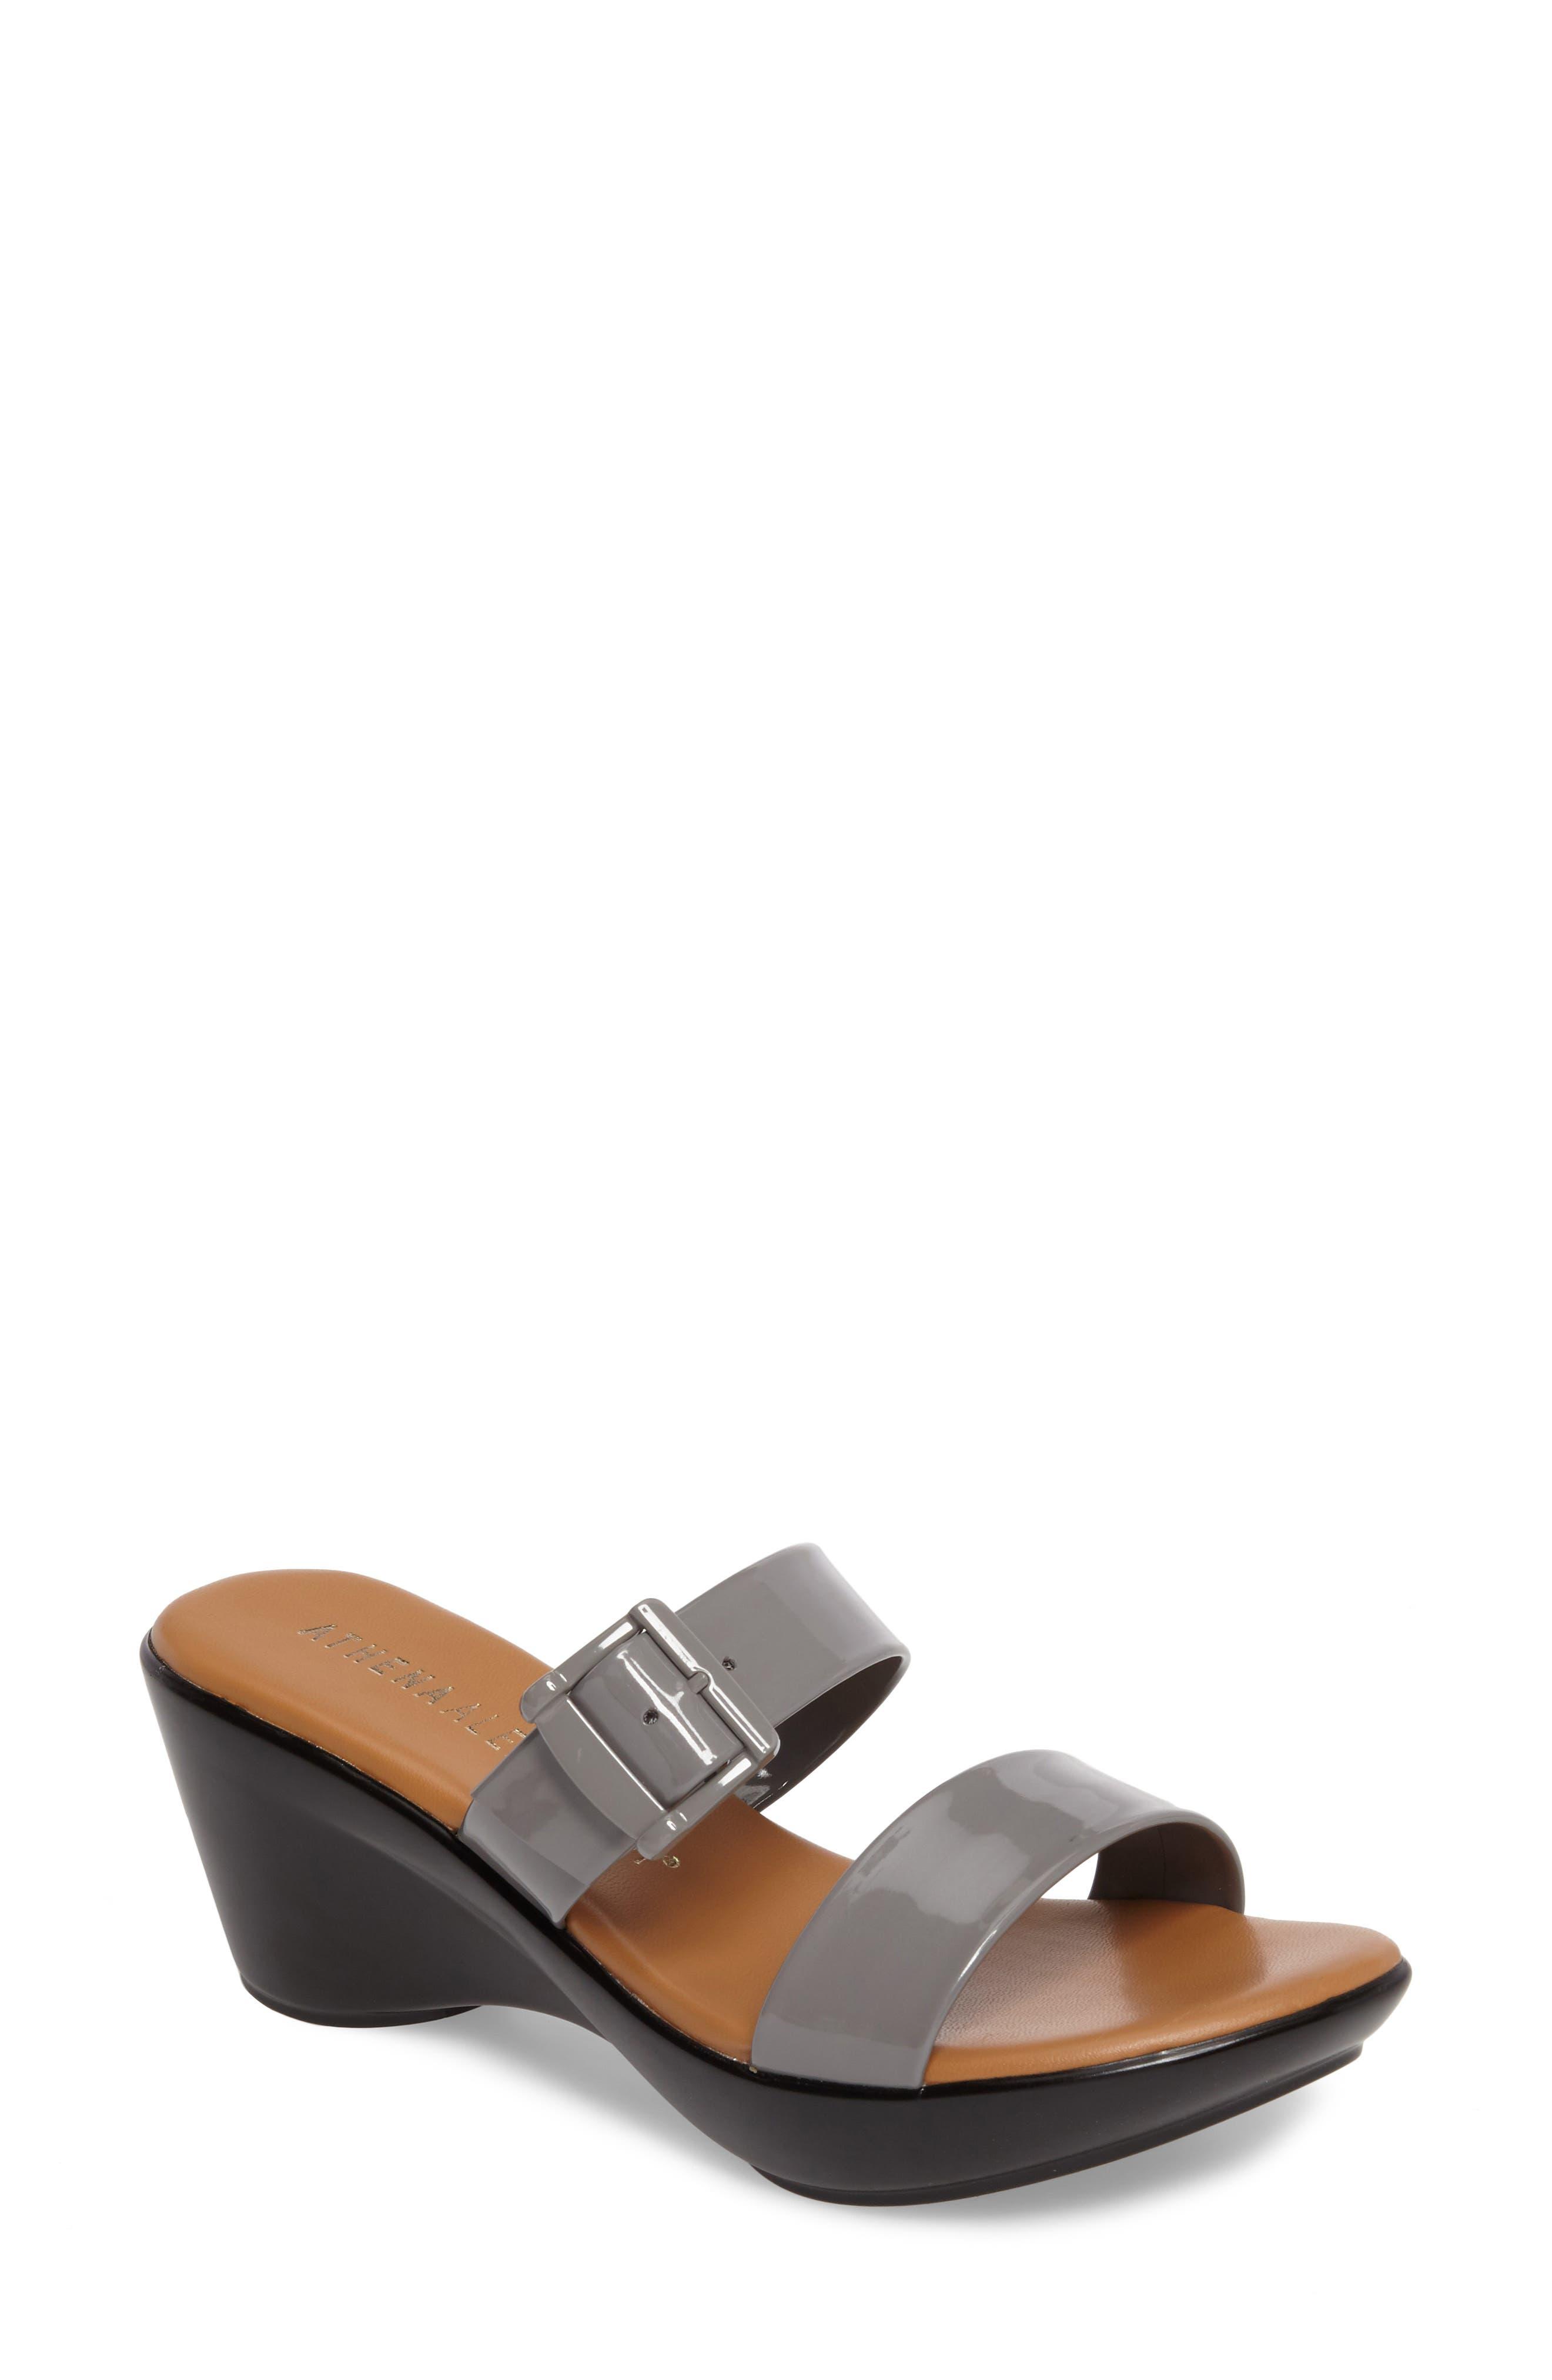 Main Image - Athena Alexander Darlling Wedge Sandal (Women)